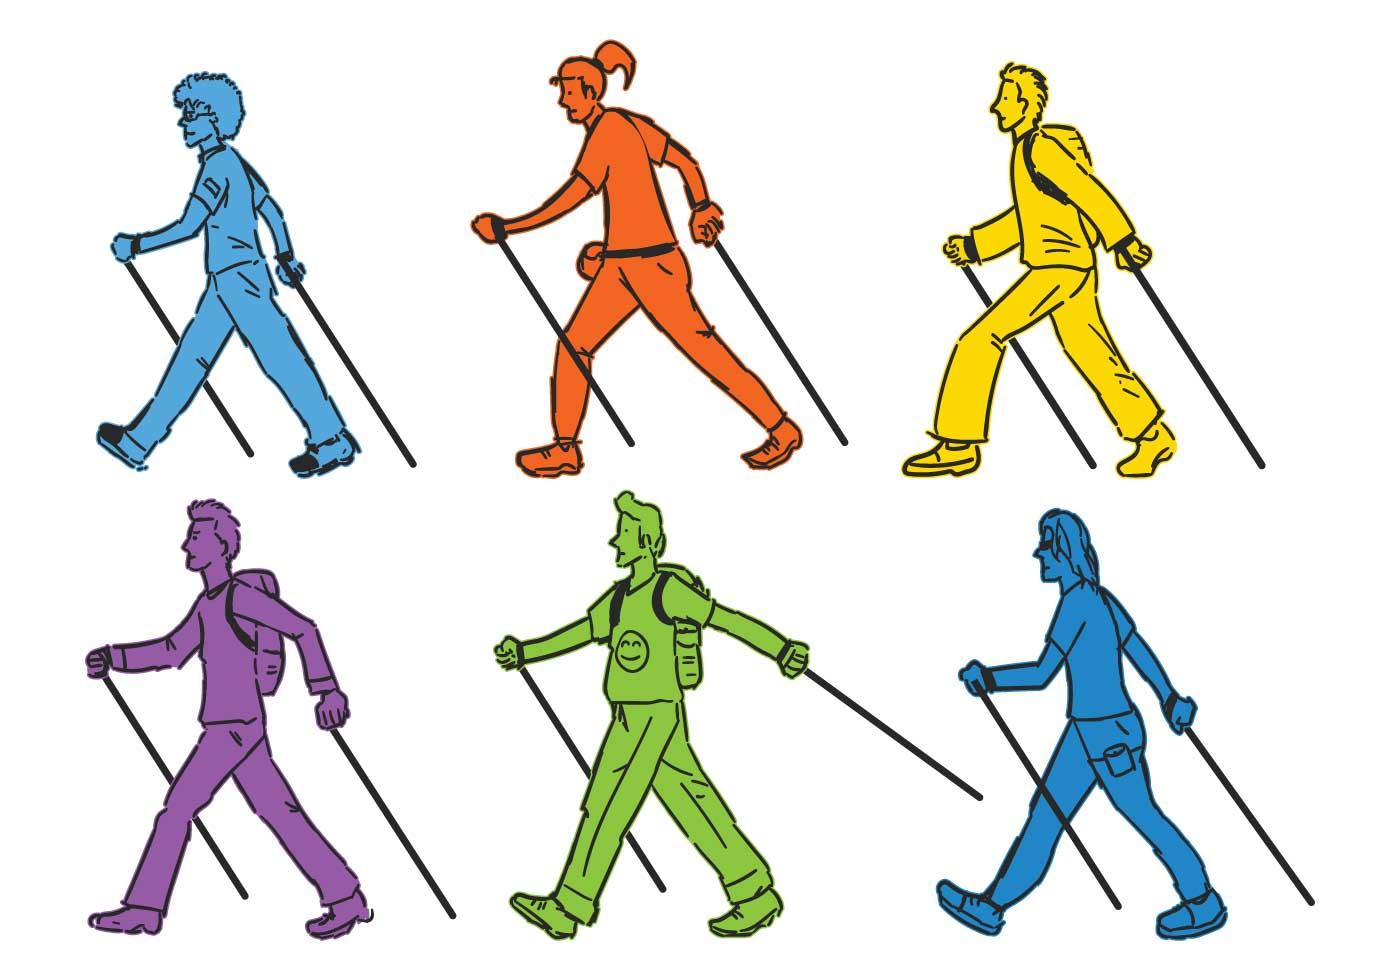 Как подобрать палки для скандинавской ходьбы по росту (по таблице)